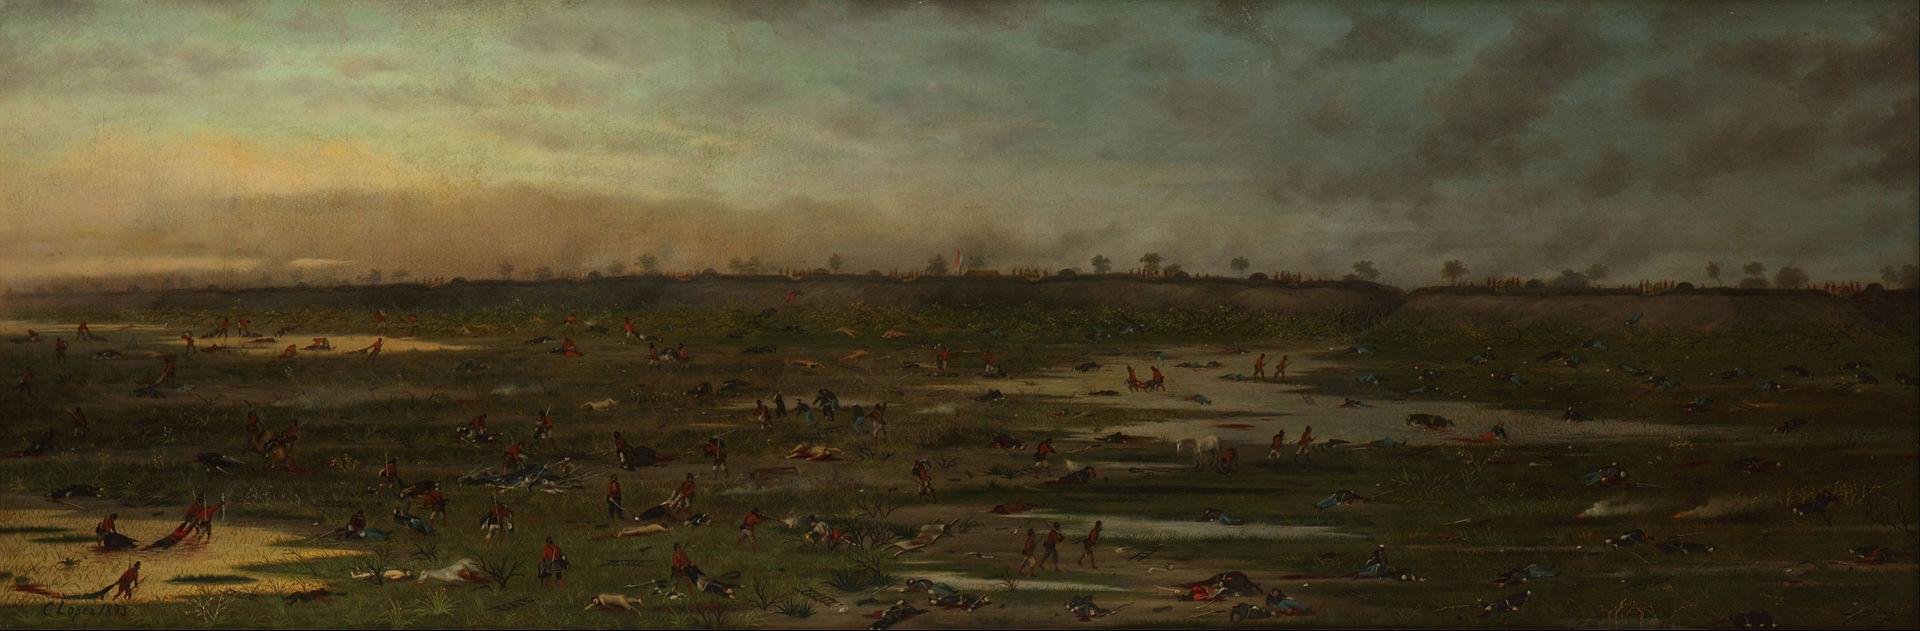 La batalla terminó y los soldados paraguayos despojan a los muertos de sus ropas y rematan a los heridos que no pueden ponerse en pie